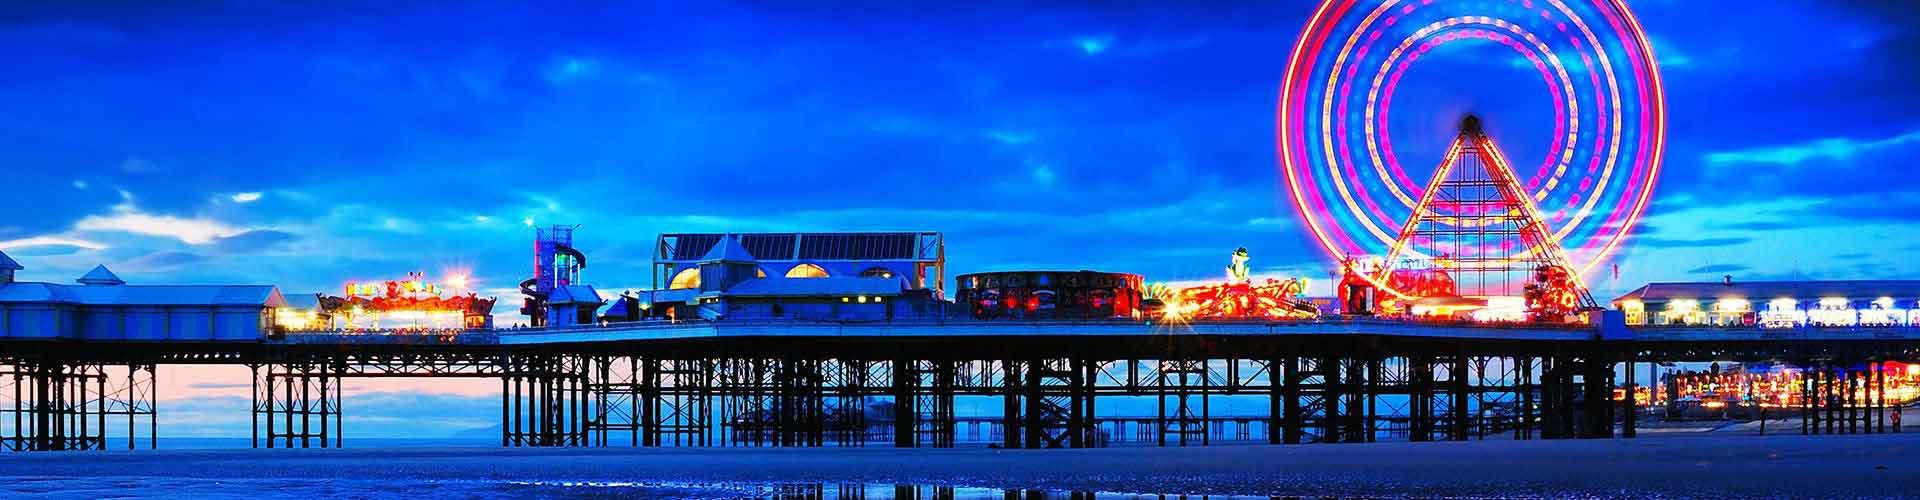 Blackpool - Zimmer nahe Blackpool Nordbahnhof. Blackpool auf der Karte. Fotos und Bewertungen für jedes Zimmer in Blackpool.